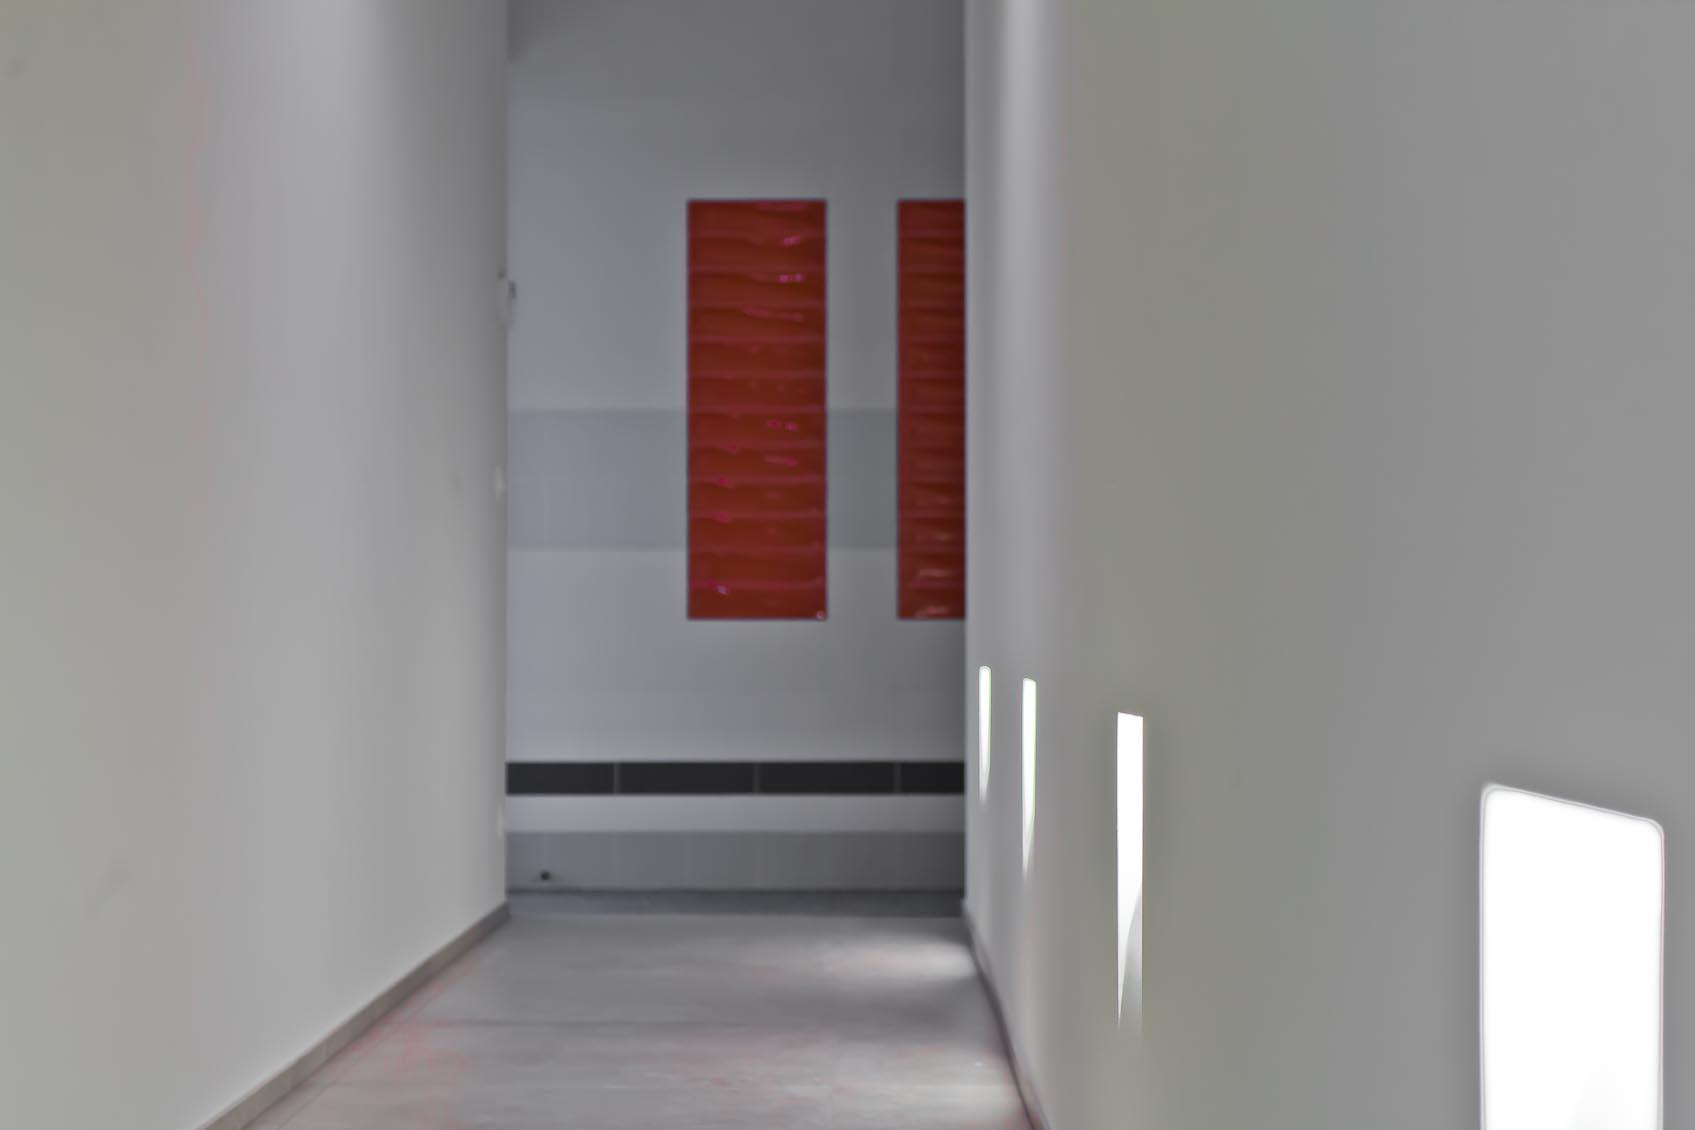 doorgang indirecte verlichting down